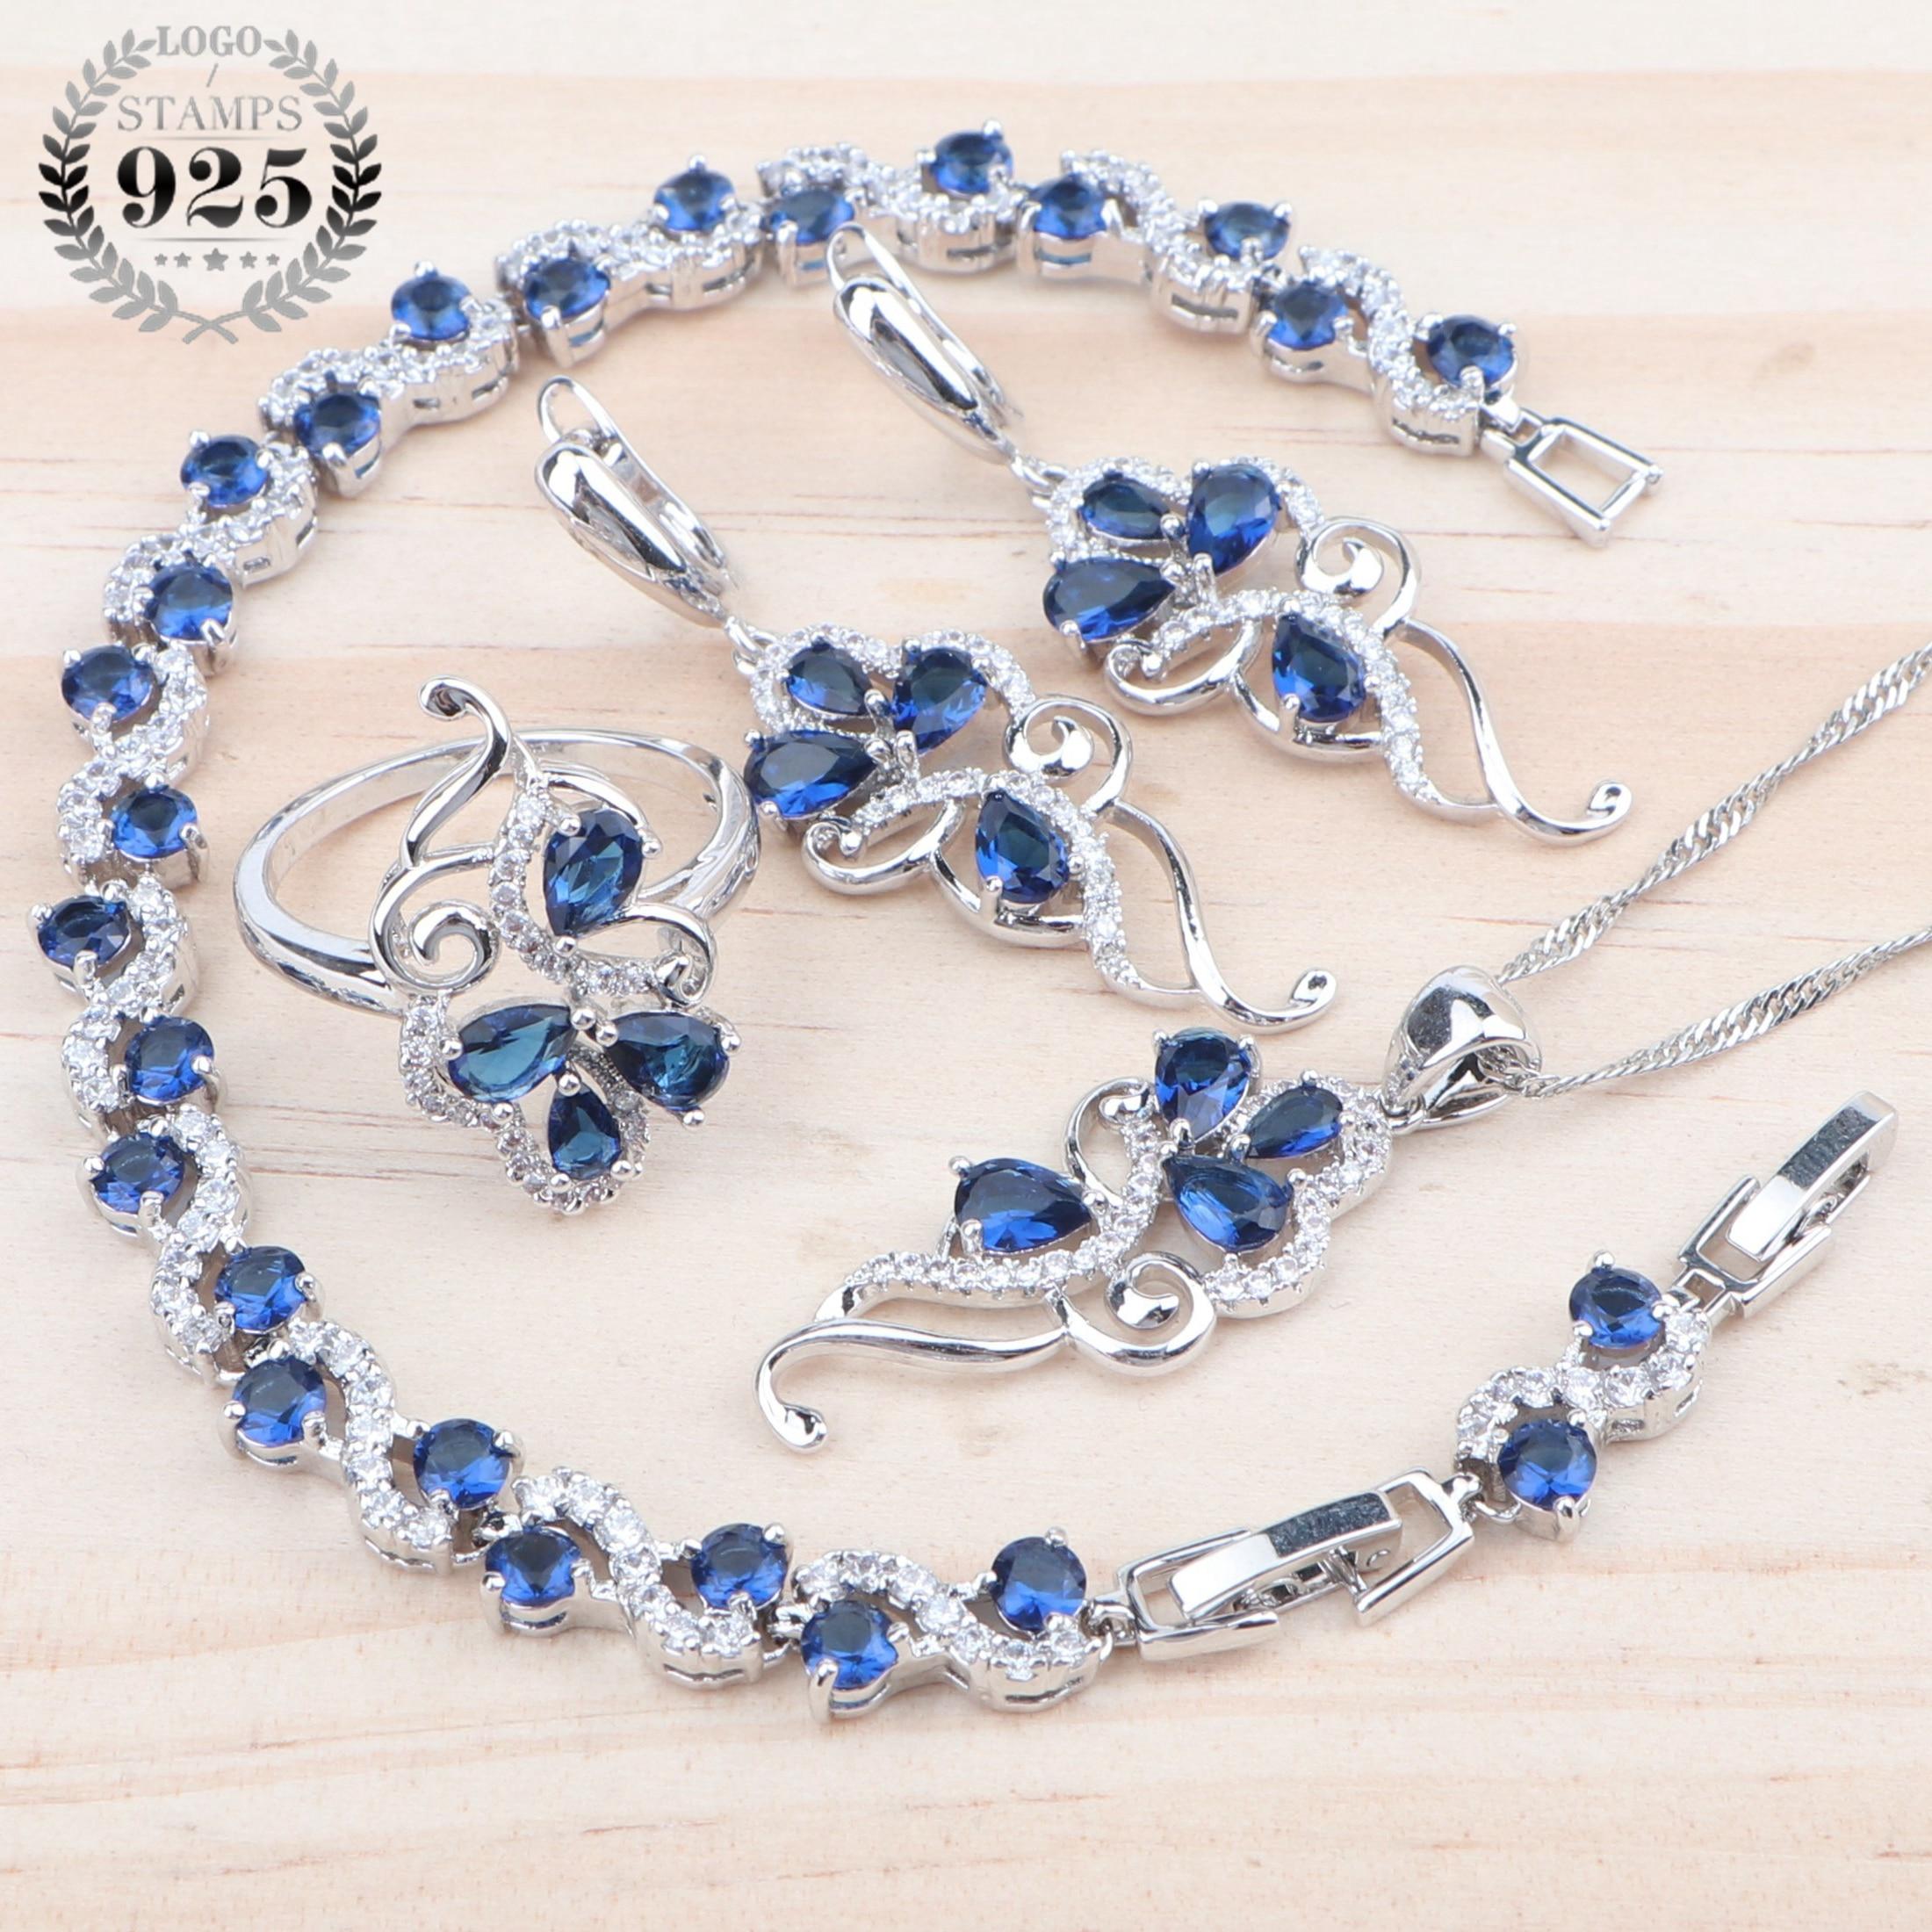 Conjuntos de joyería de lujo para mujer, para boda, nupcial, plata 925, Zirconia cúbica, bisutería, colgante, pulsera, anillo, pendientes, collar